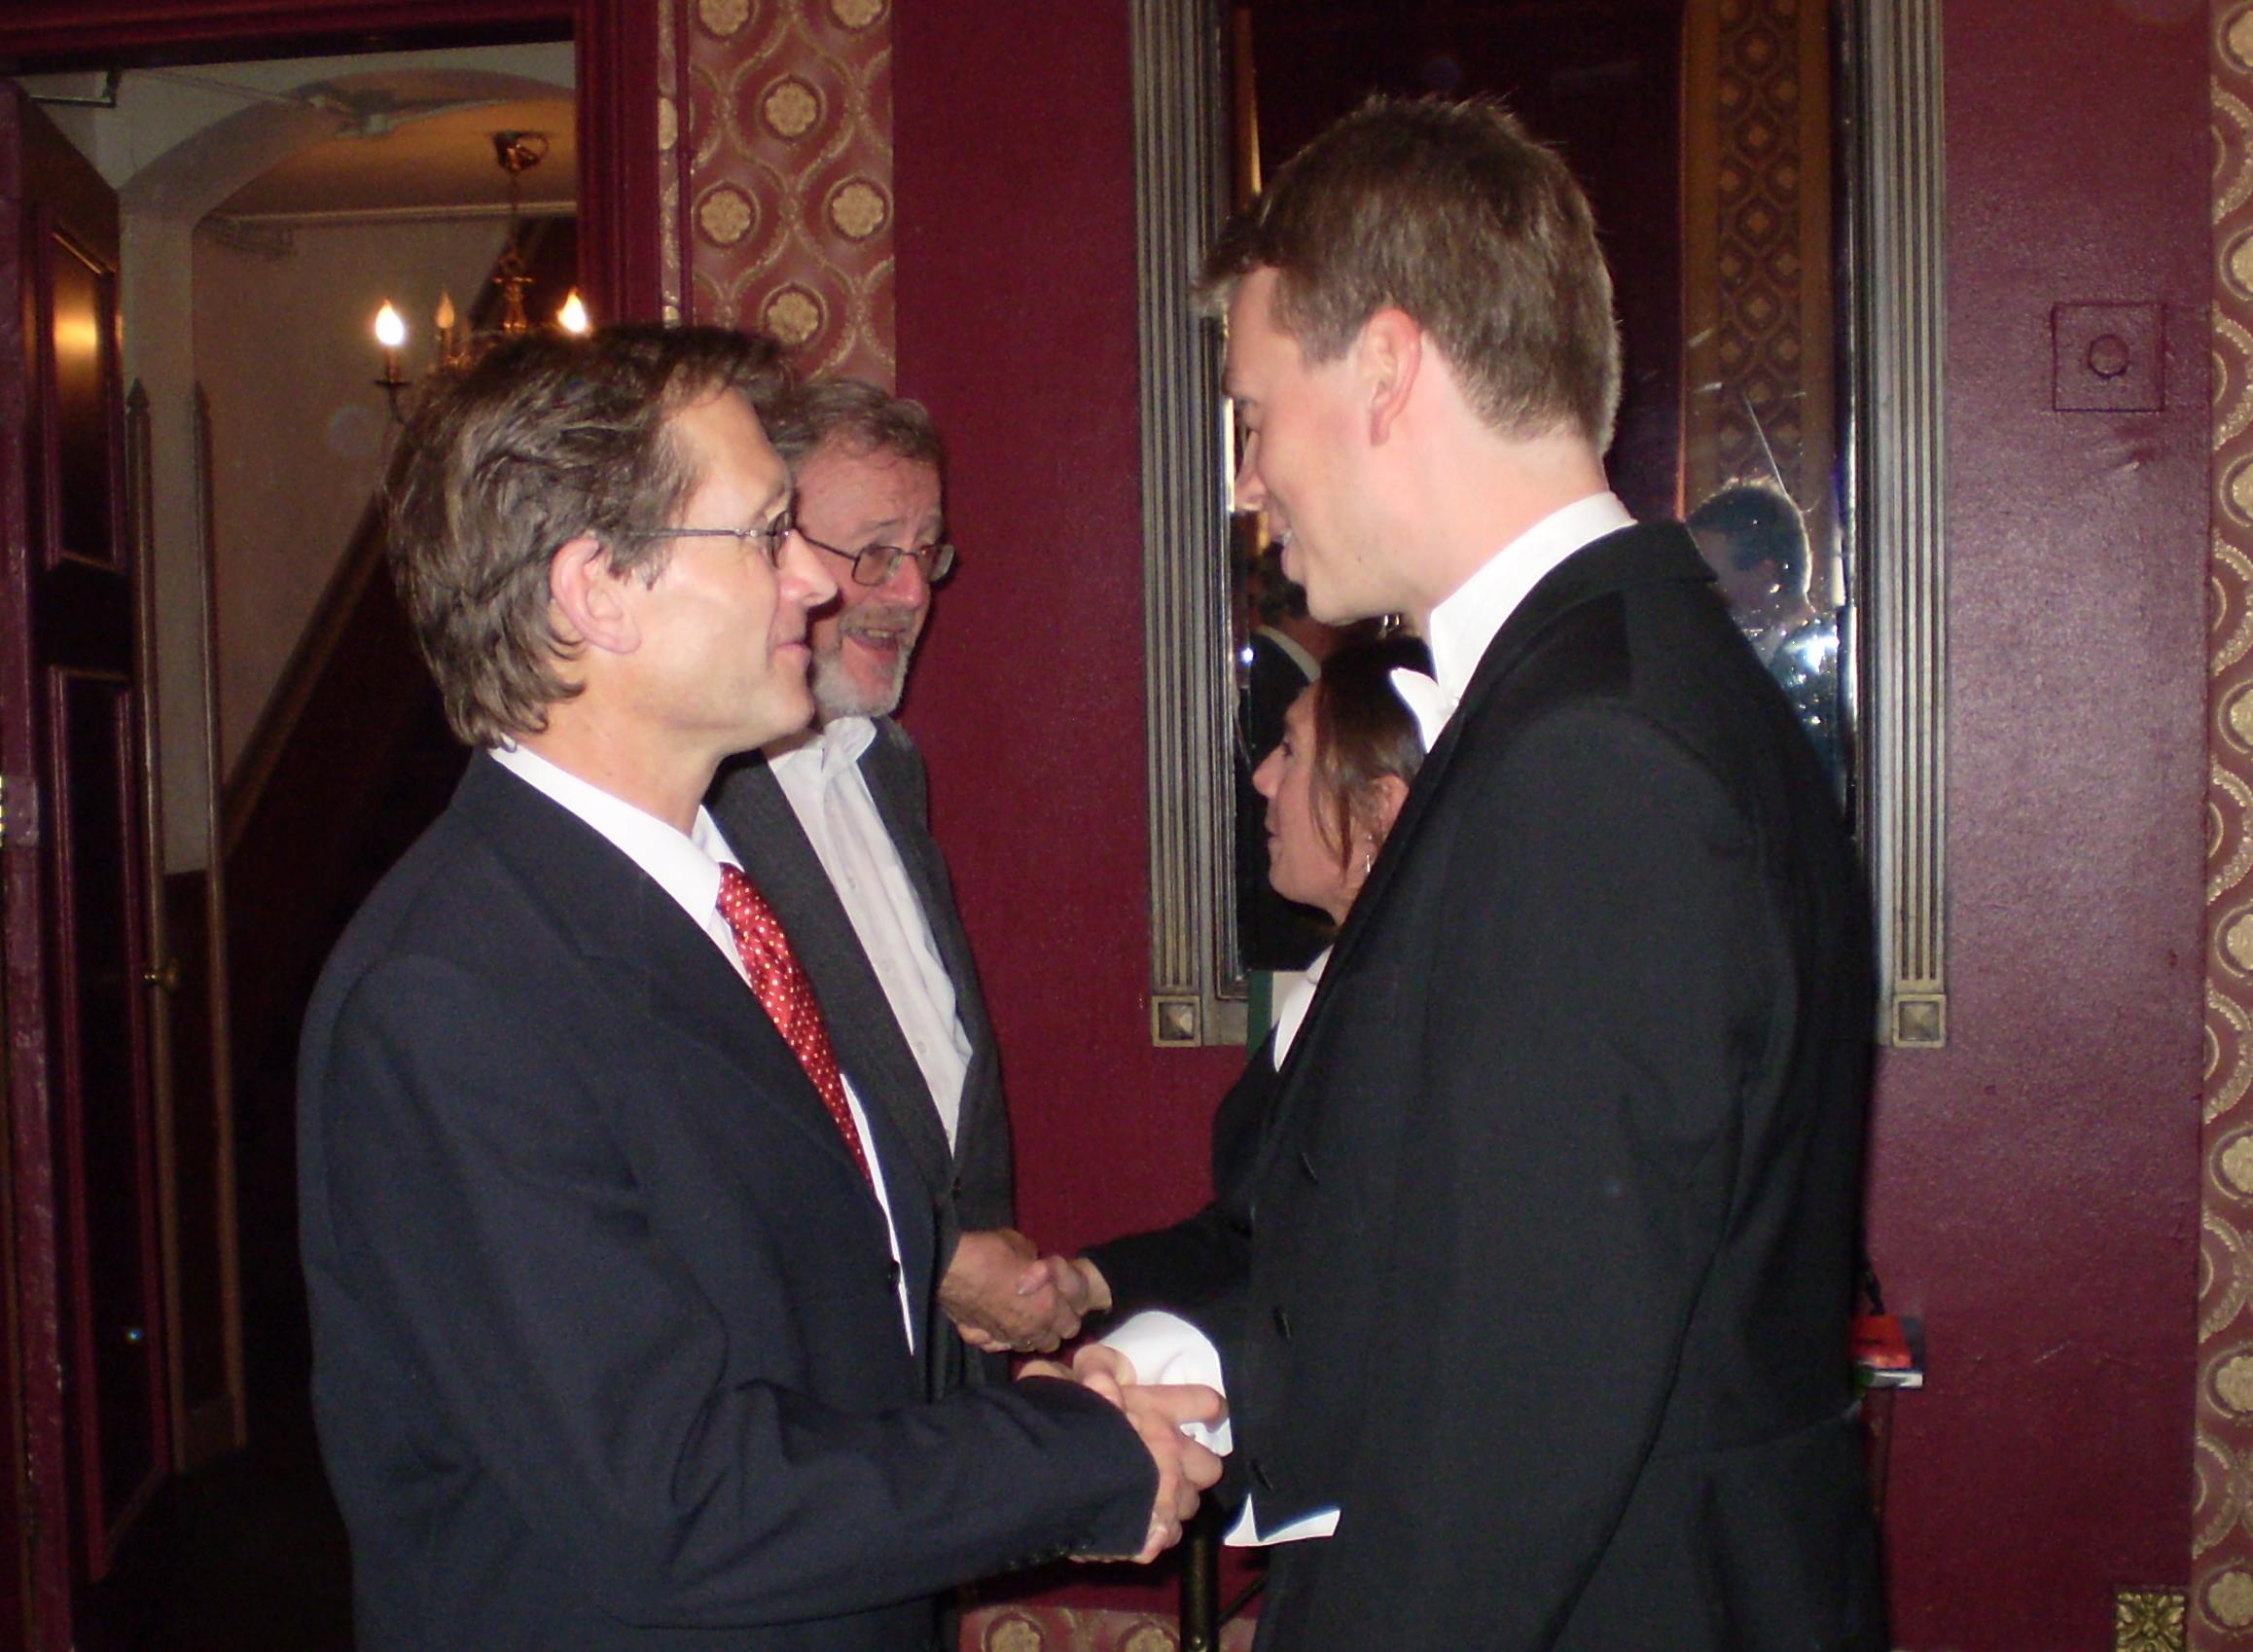 Po promócii prijíma Dr. Kudernáč gratulácie od Bena Feringu. Foto - archív T.K.